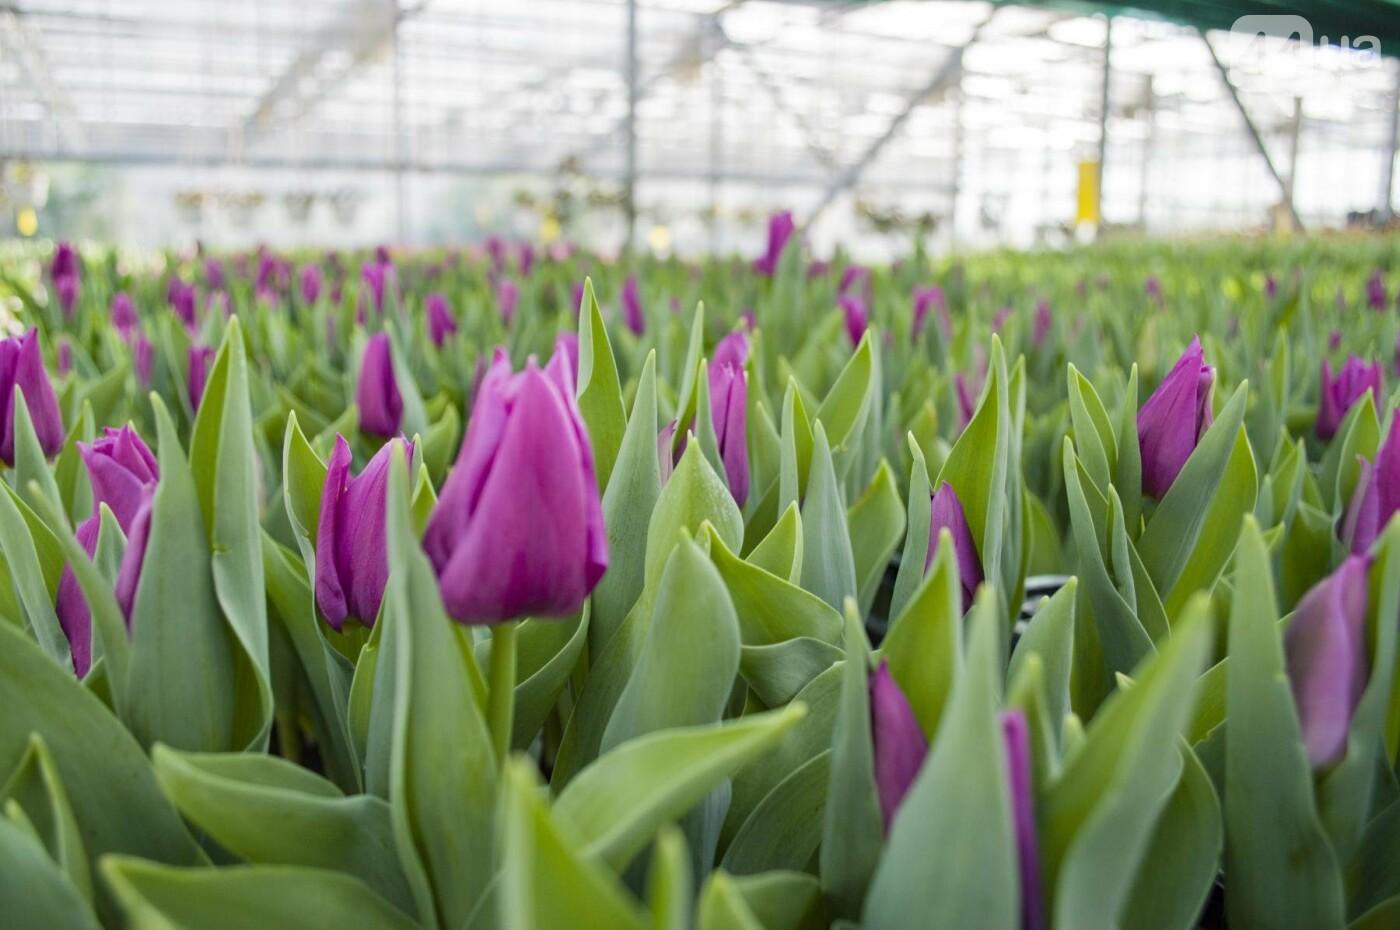 Цветочный рай: в киевской оранжерее зацвели десятки тысяч тюльпанов, фото-4